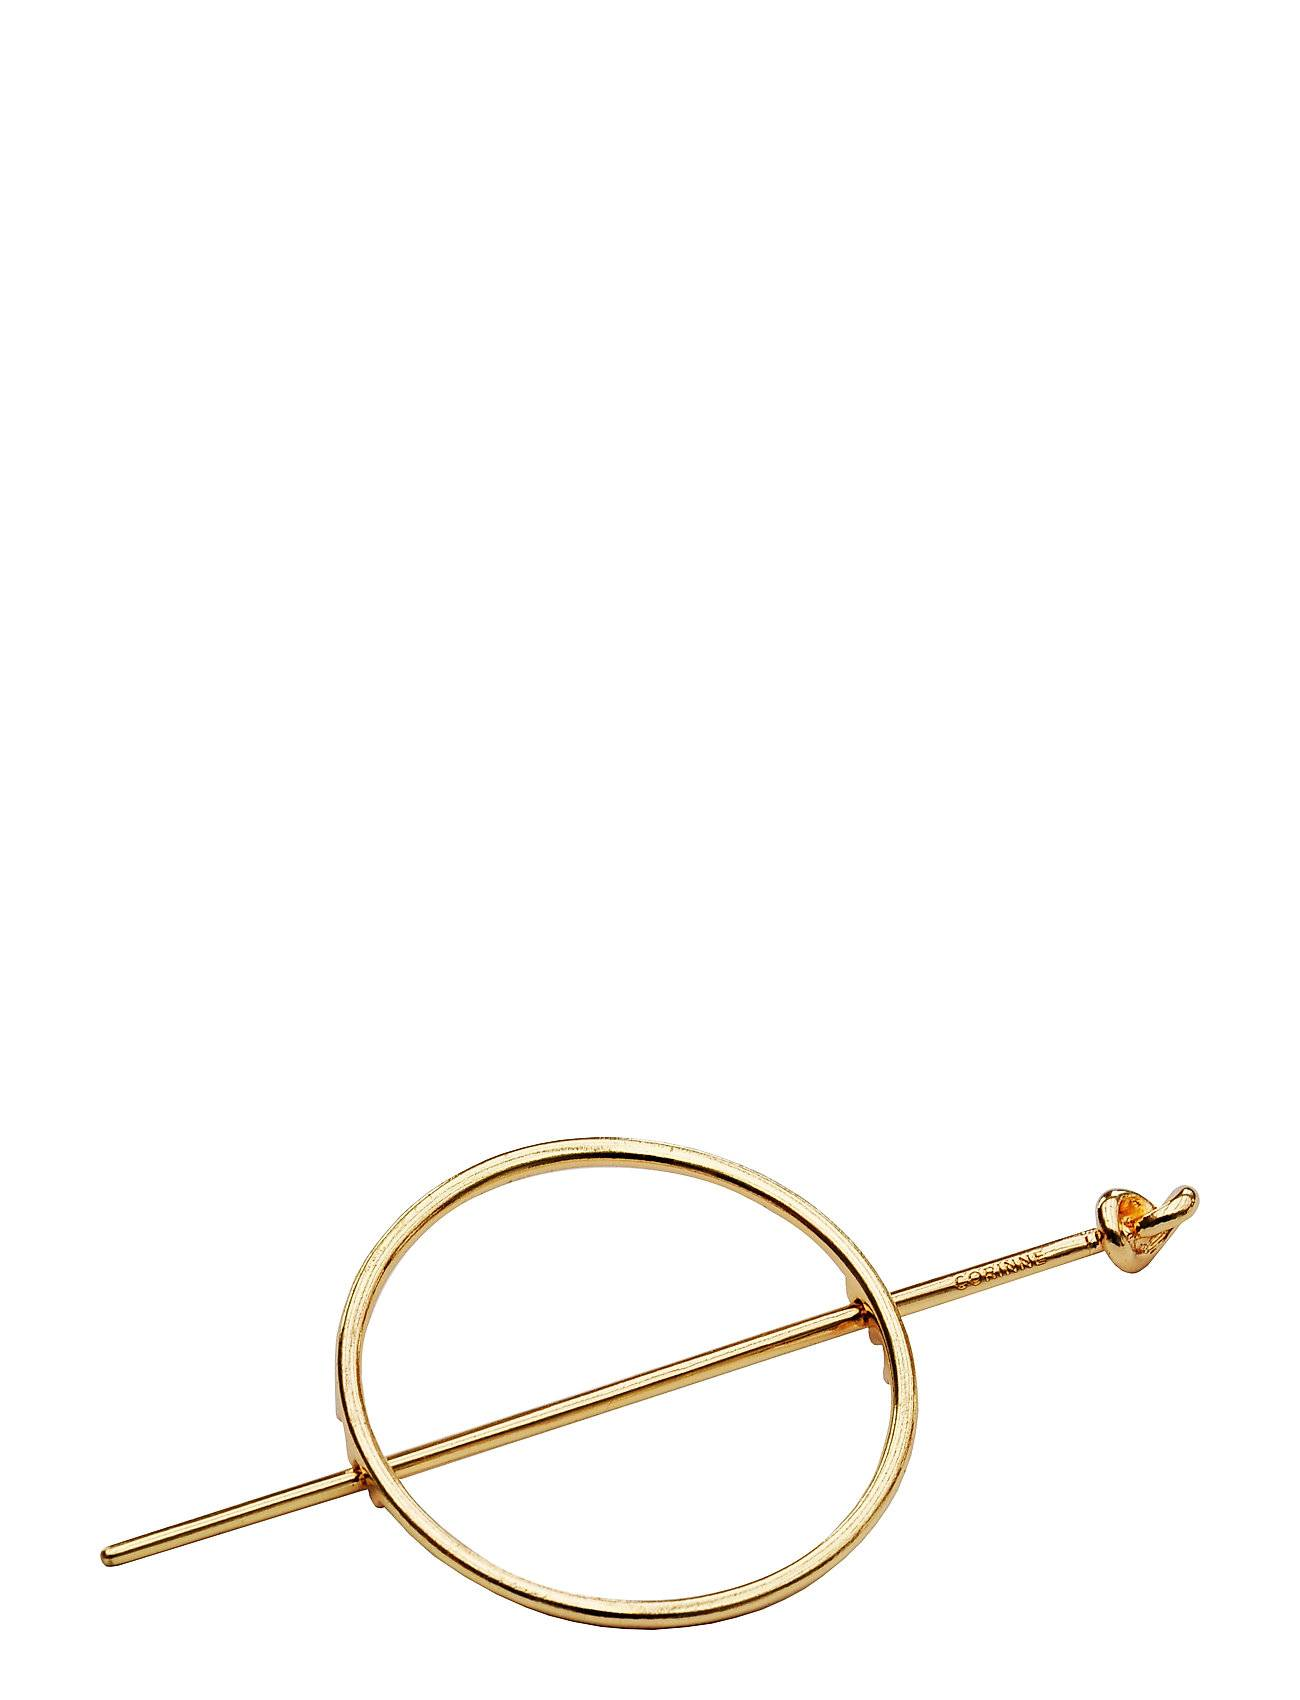 Corinne Pin & Ring